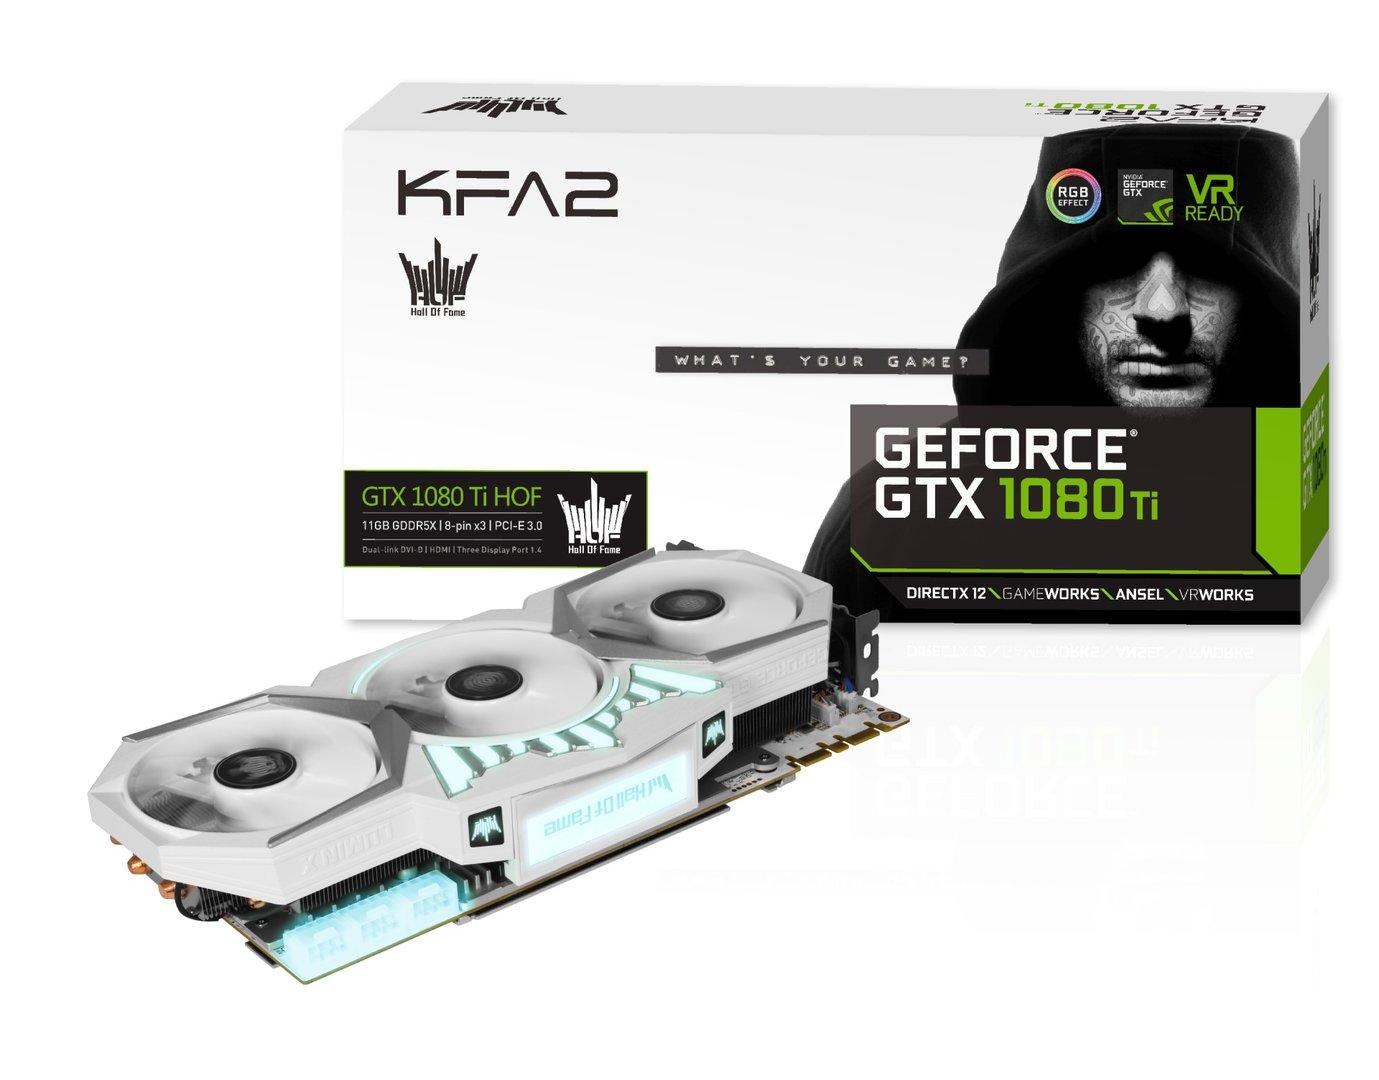 KFA2 GTX 1080 Ti Hall Of Fame